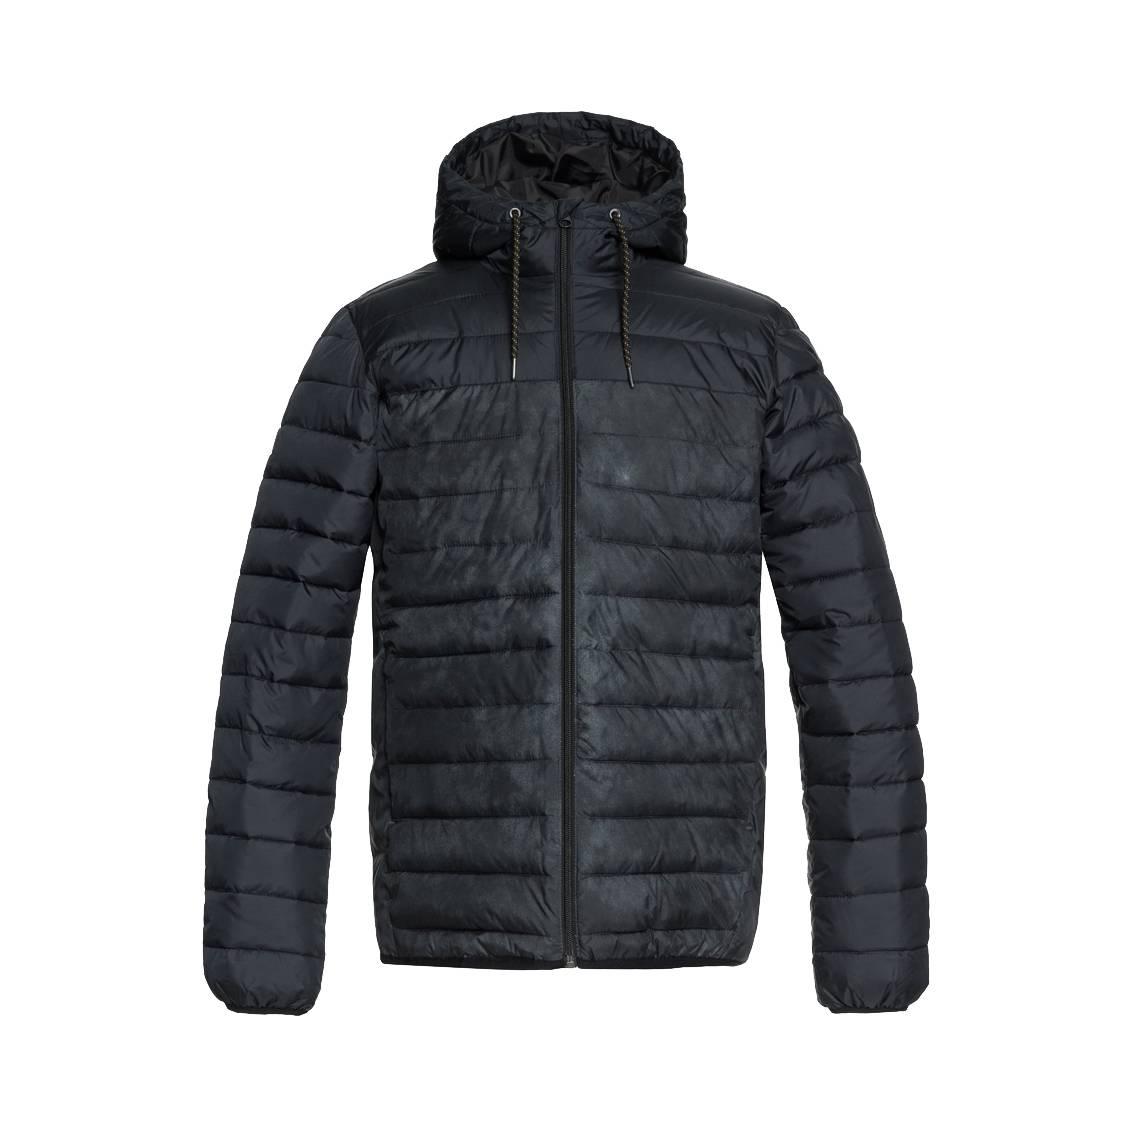 Doudoune à capuche déperlante  scaly block à opposition de couleurs noire et gris anthracite